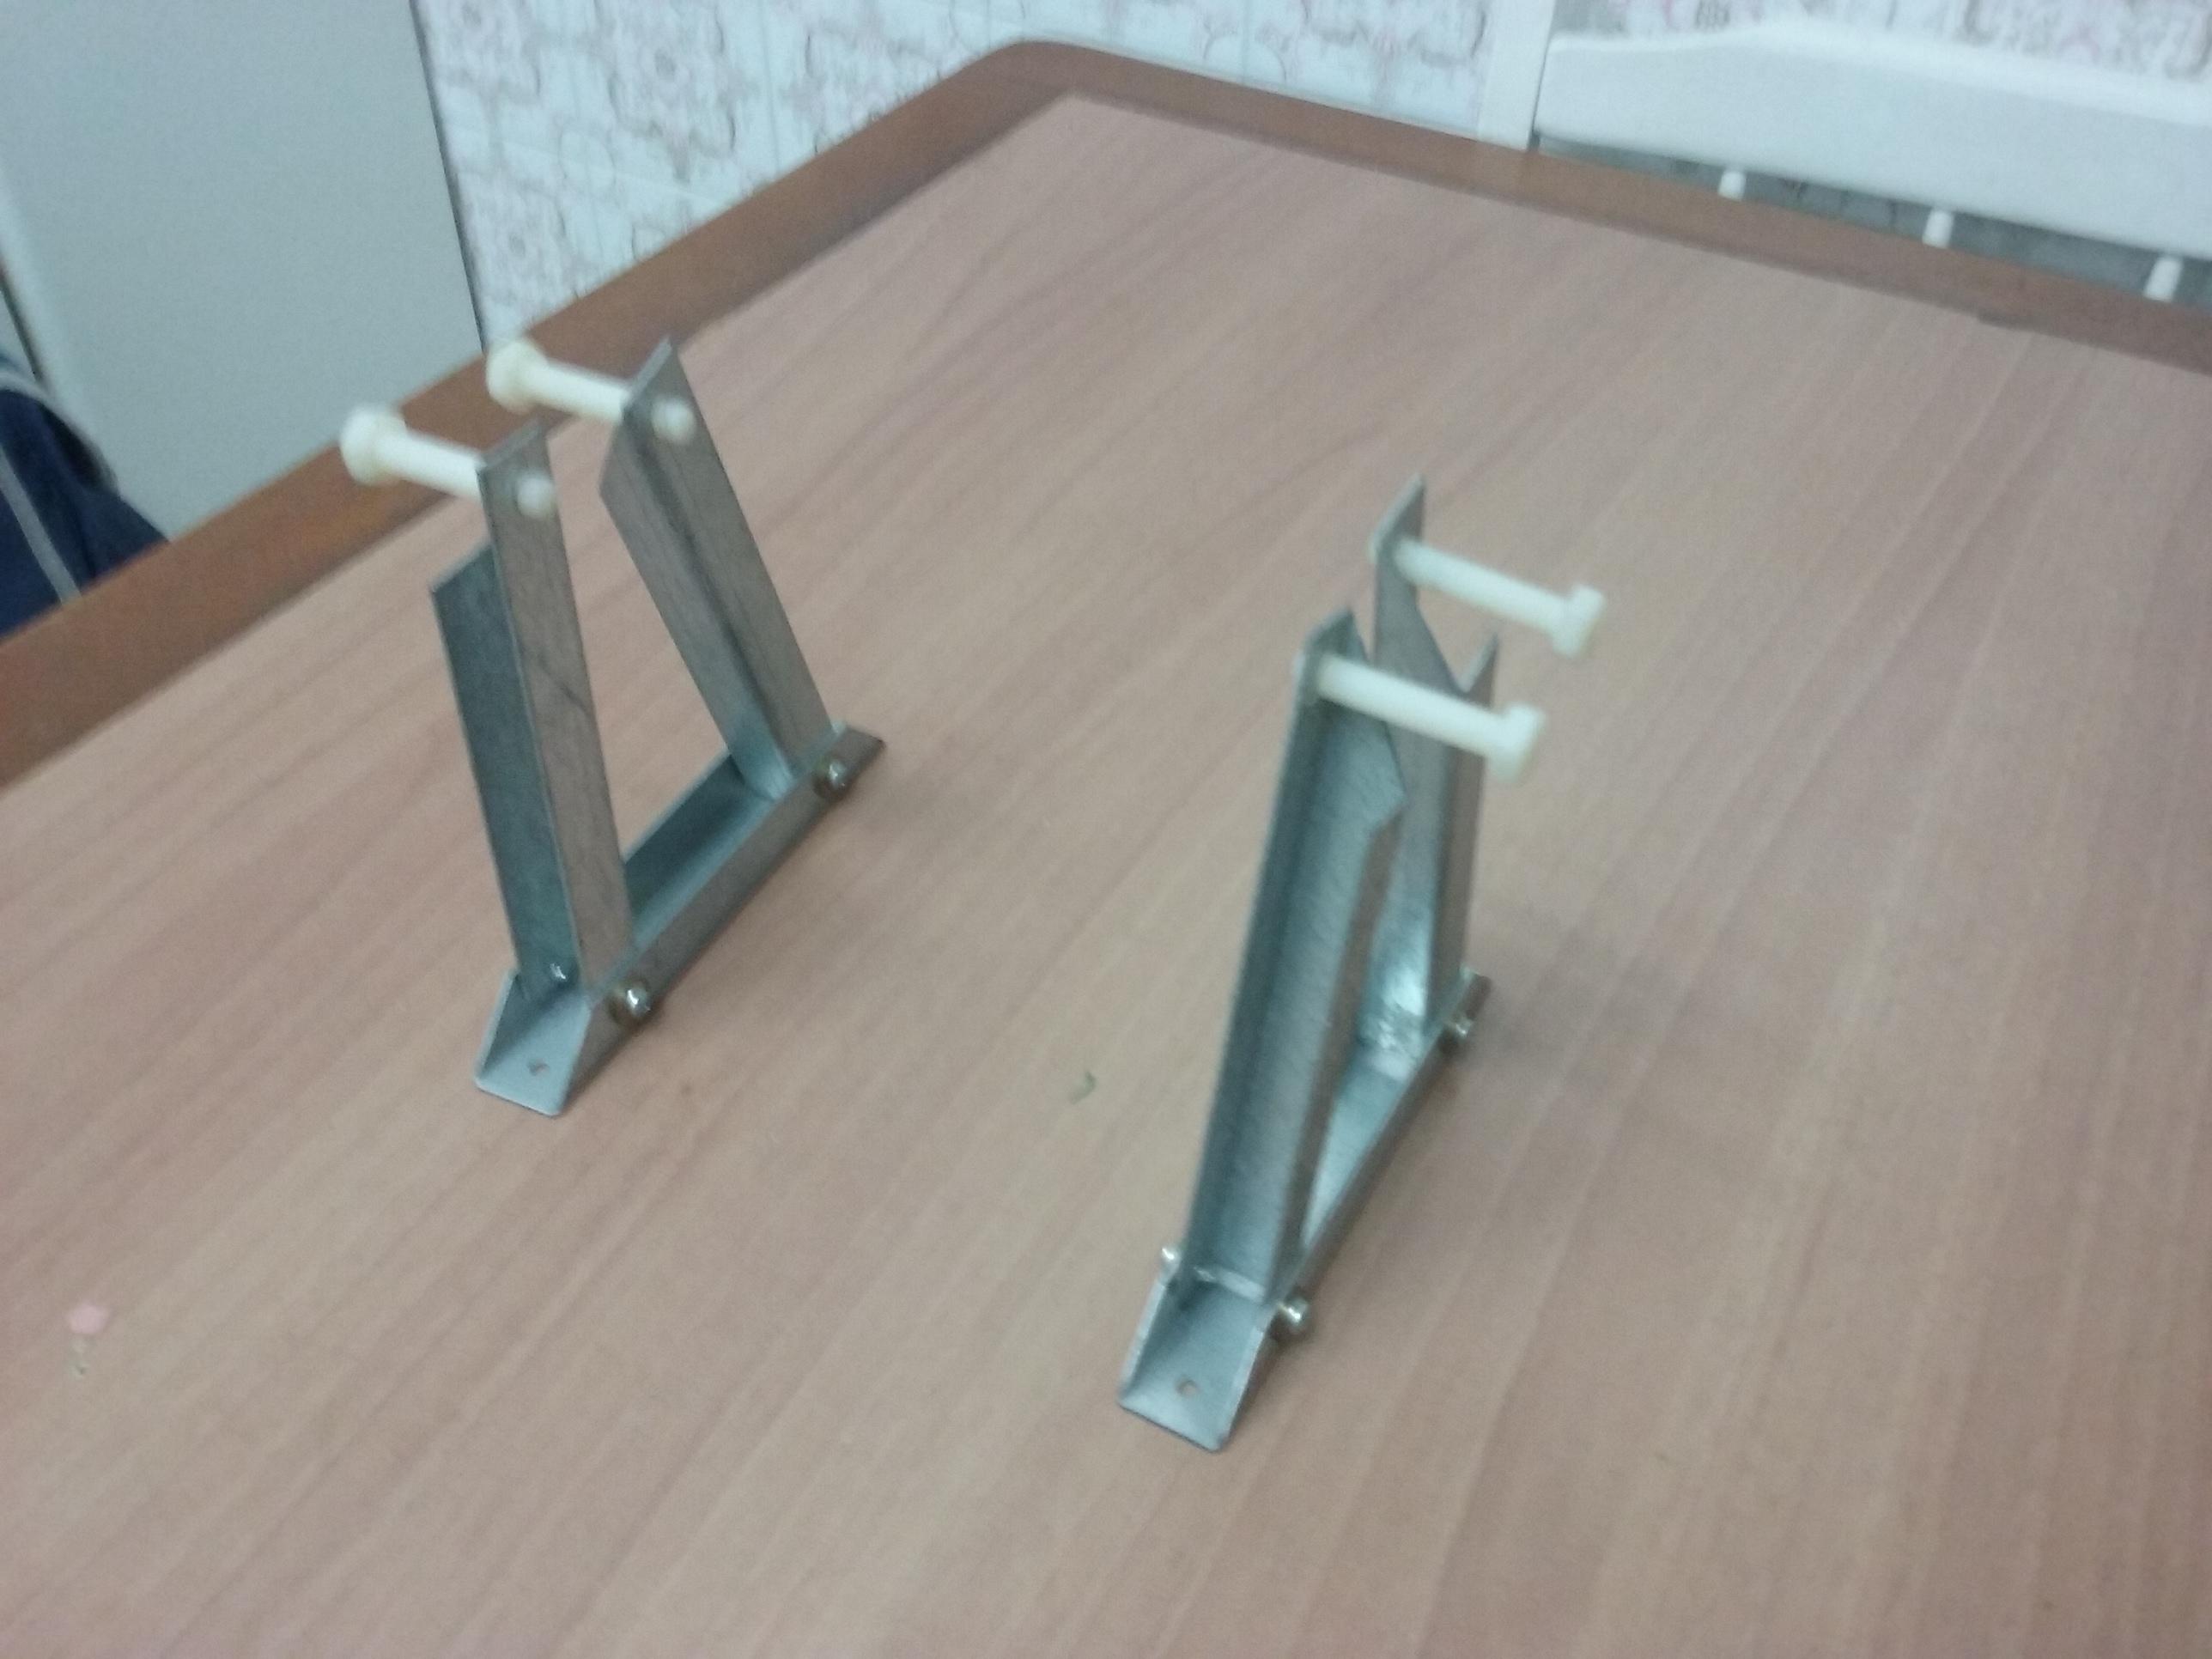 Soportes de metal para sujetar lavabo